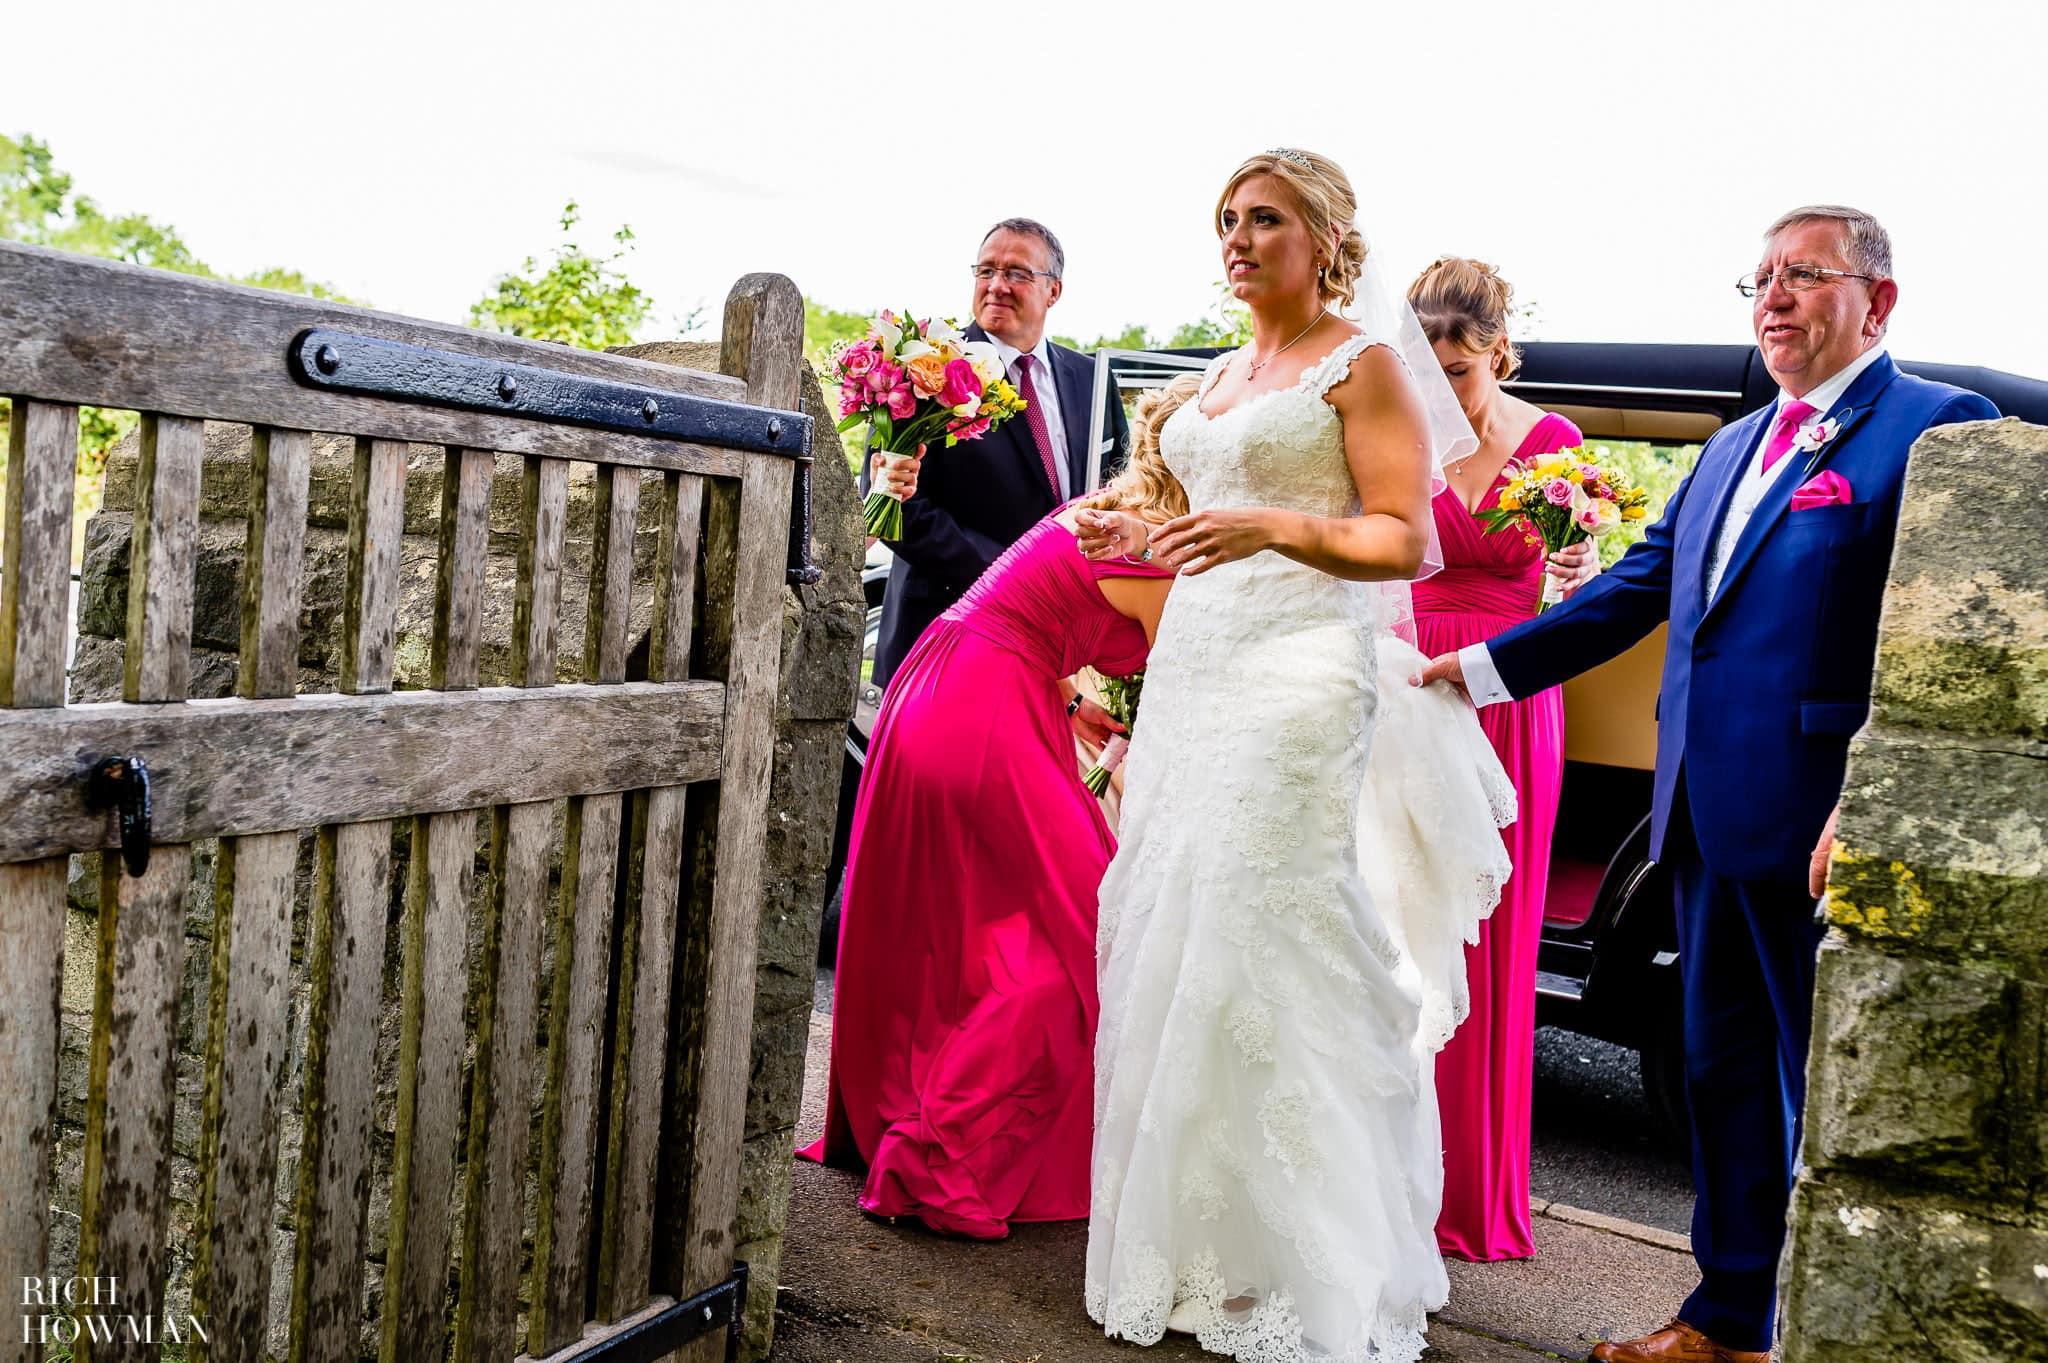 Llanerch Vineyard Wedding Photography by Rich Howman 22